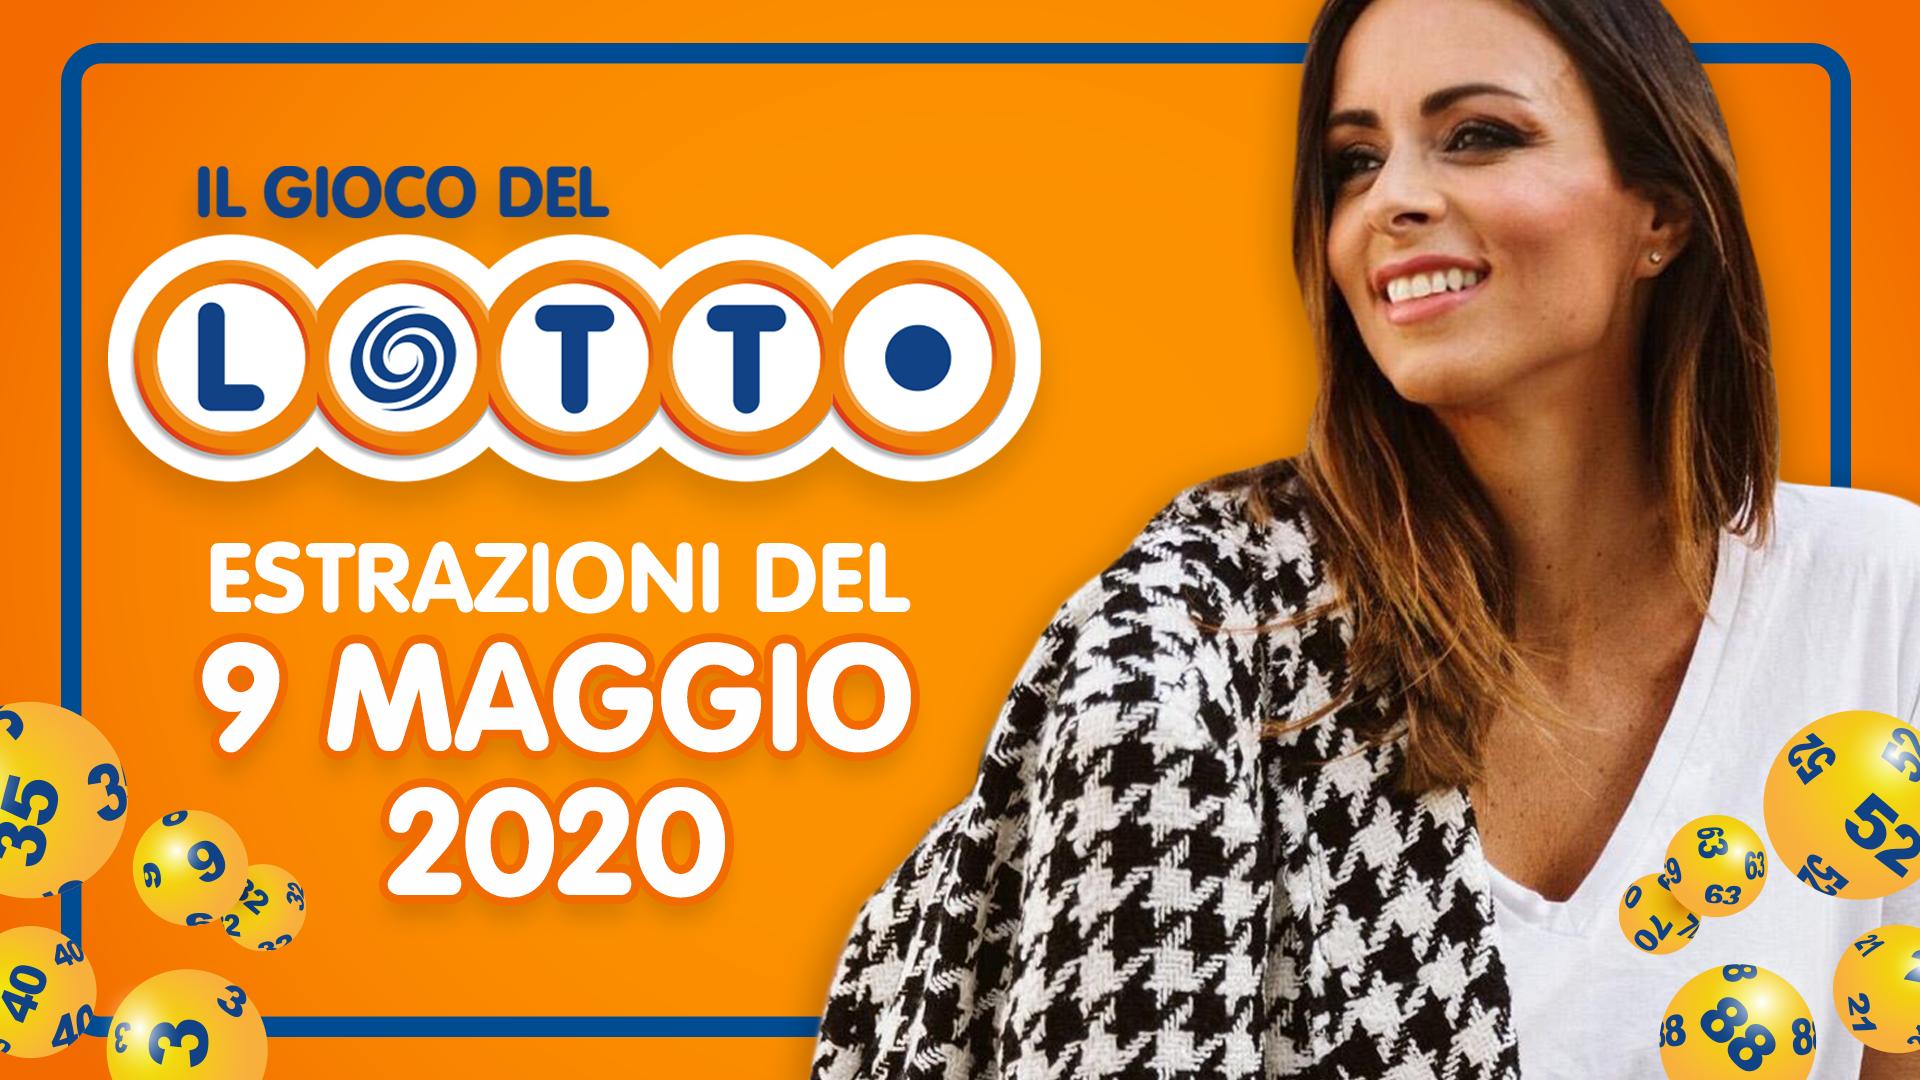 Итальянская лото. супереналотто. лотерея из италии. как играть и участвовать? | powerball лотереи